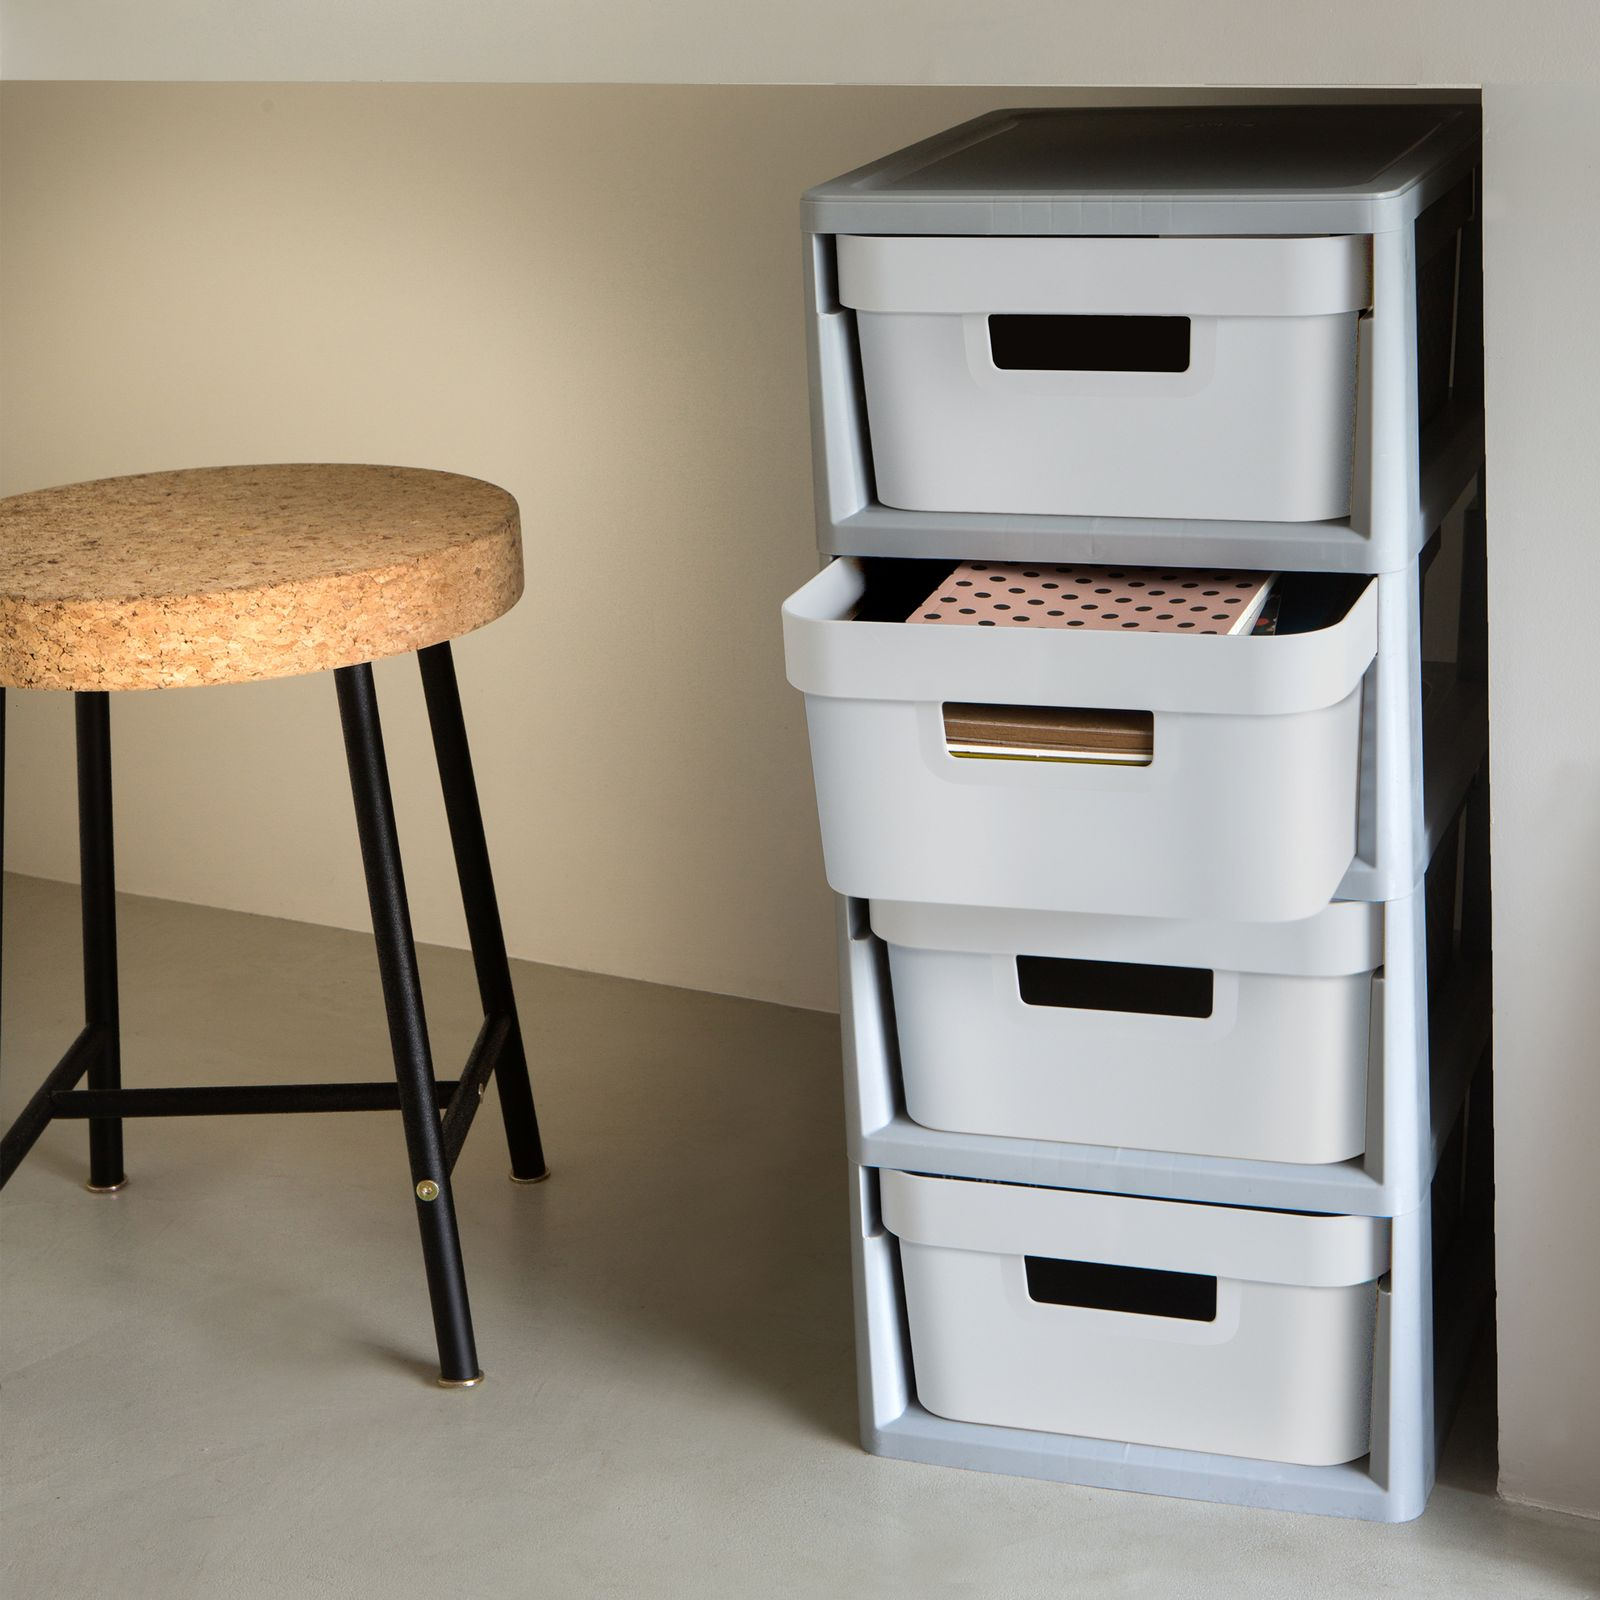 Regał składany z 4 szufladami Infinity 30 x 36 x 69 cm szaro-biały CURVER